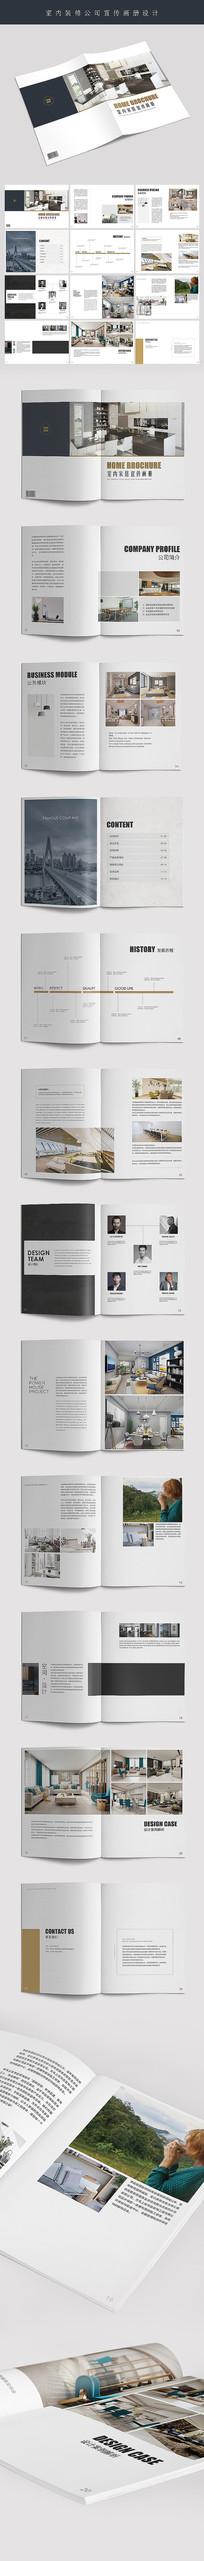 室内家装公司家居画册设计